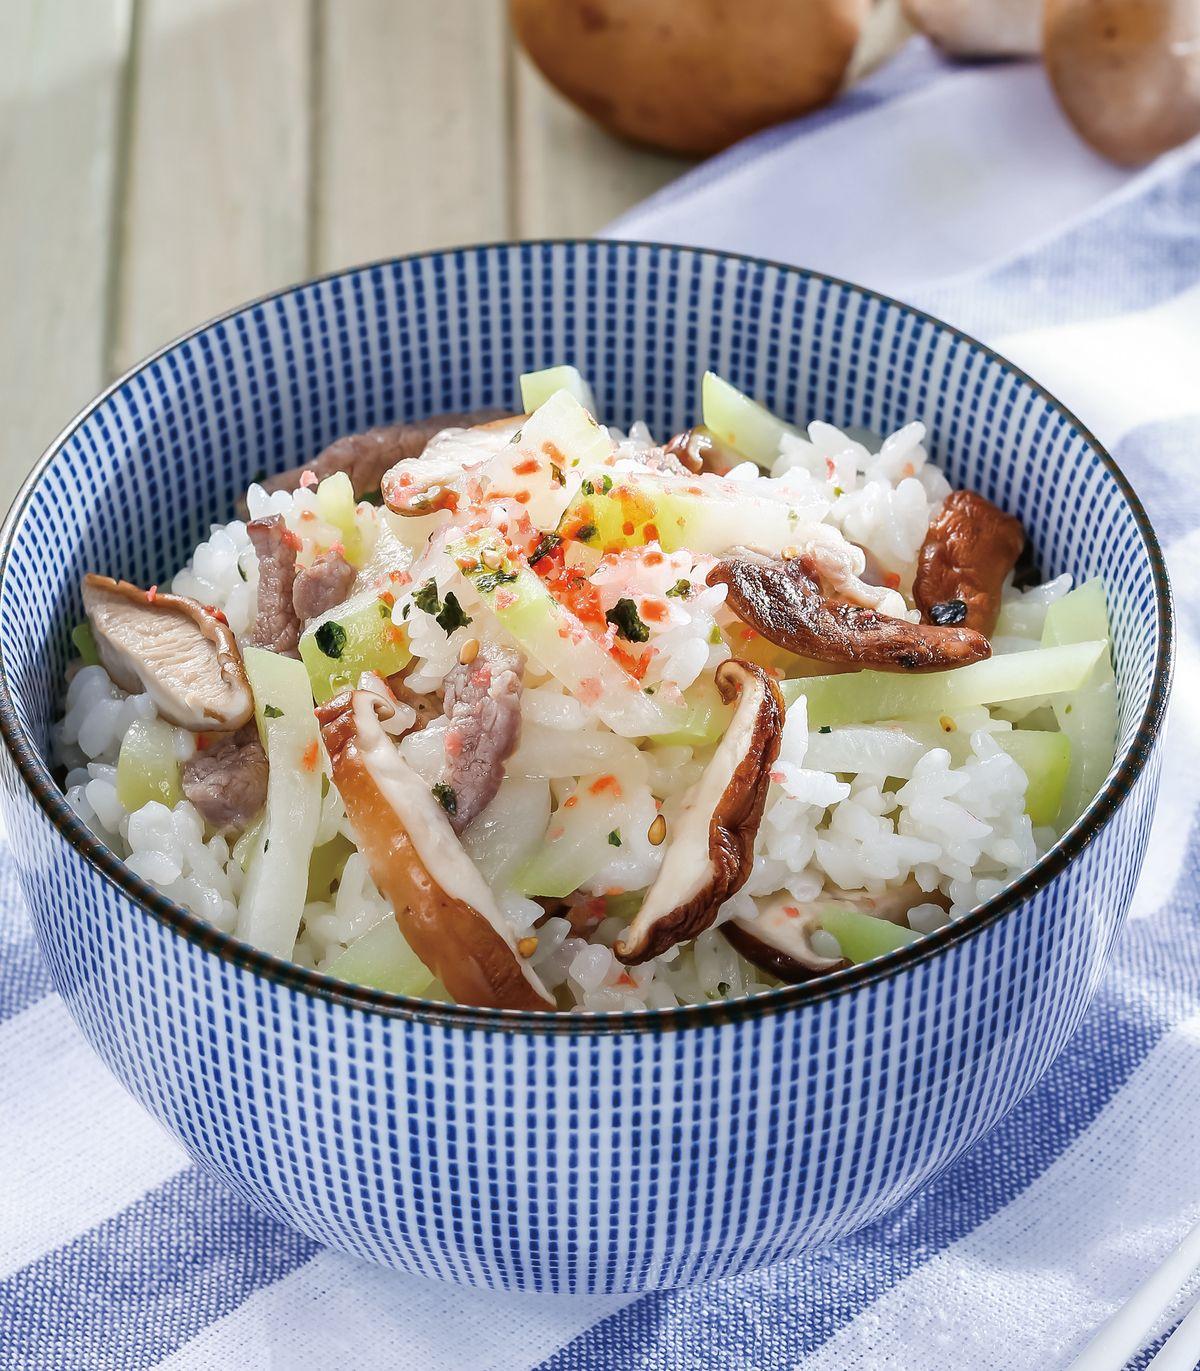 食譜:鮮菇胡瓜肉絲炊飯